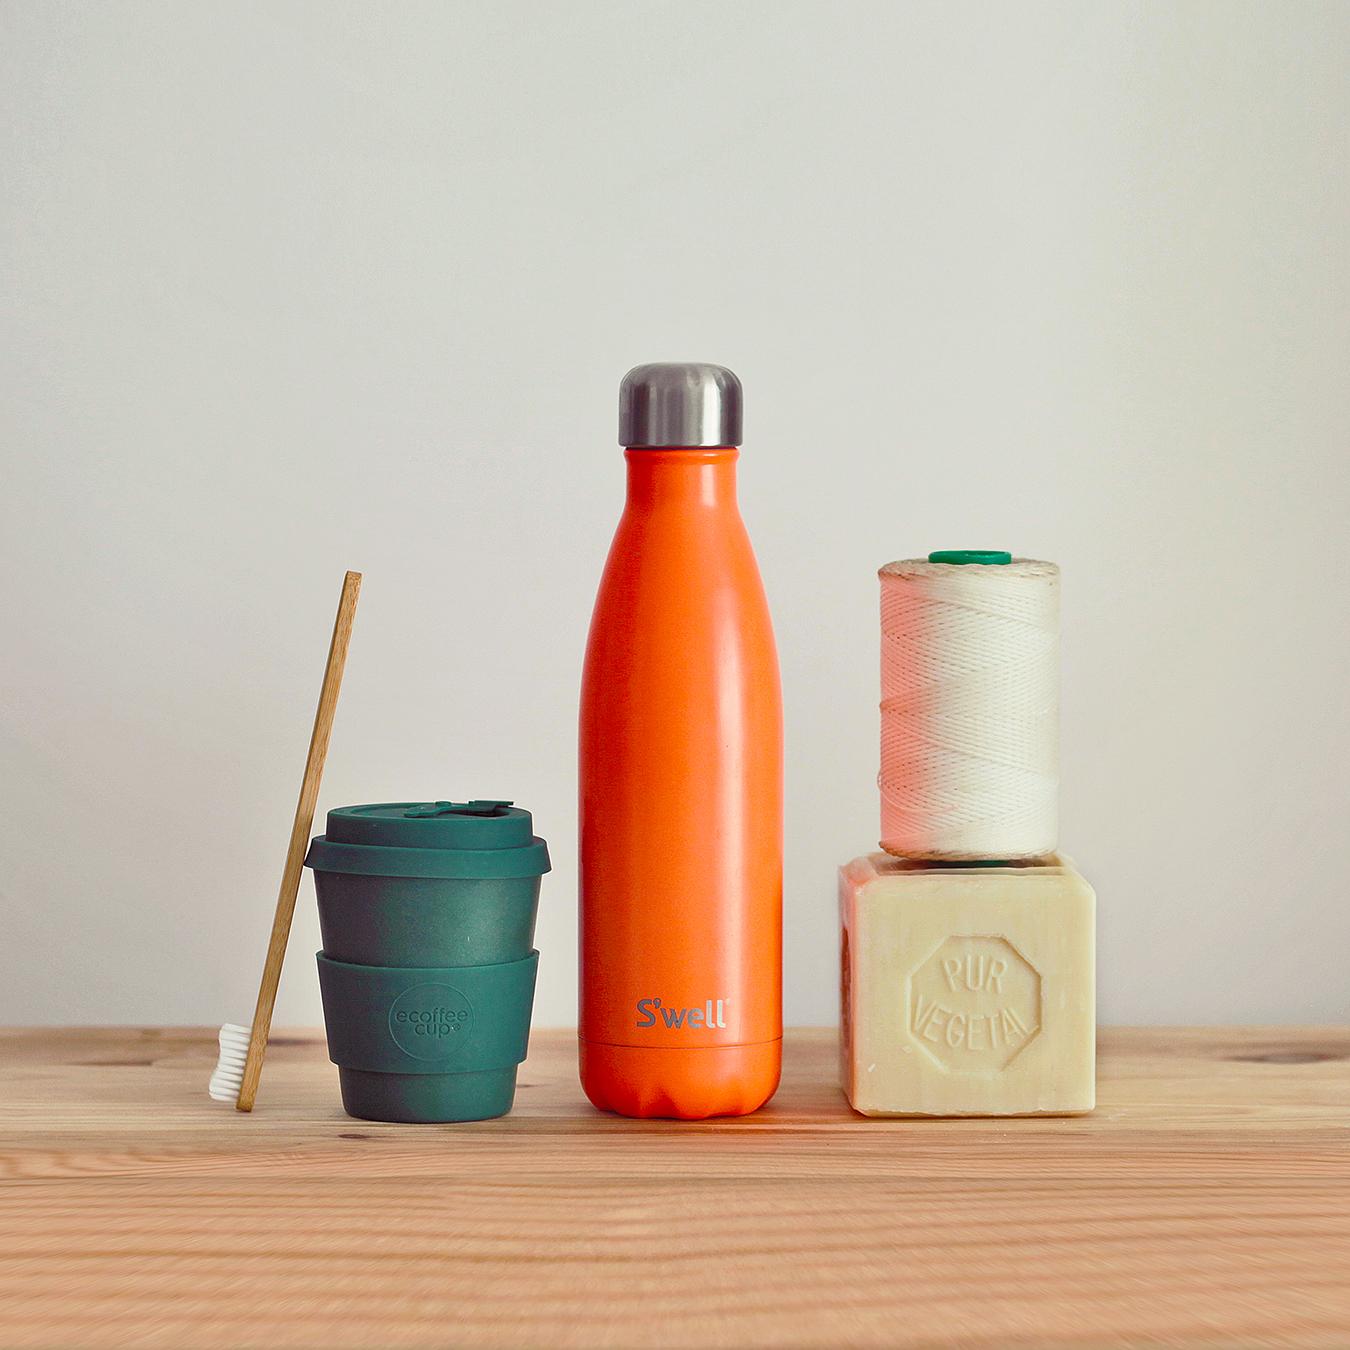 idei pentru o viata fara plastic